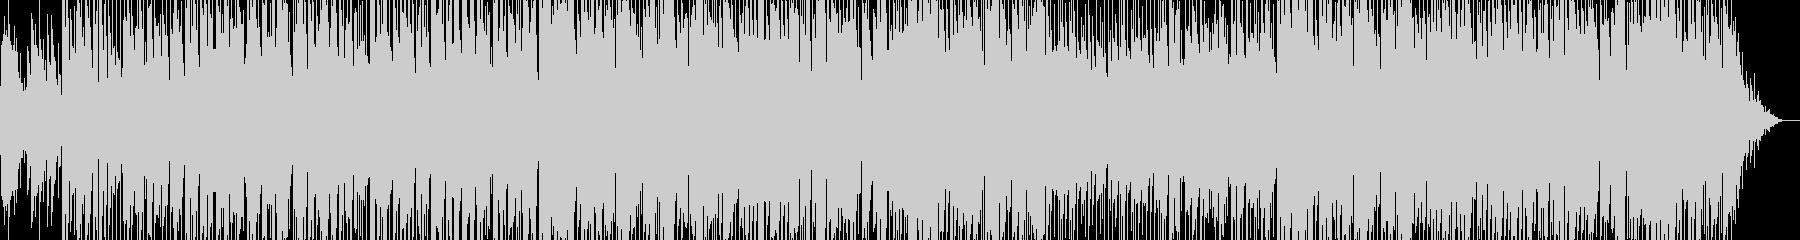 インストゥルメンタルピアノのメロデ...の未再生の波形